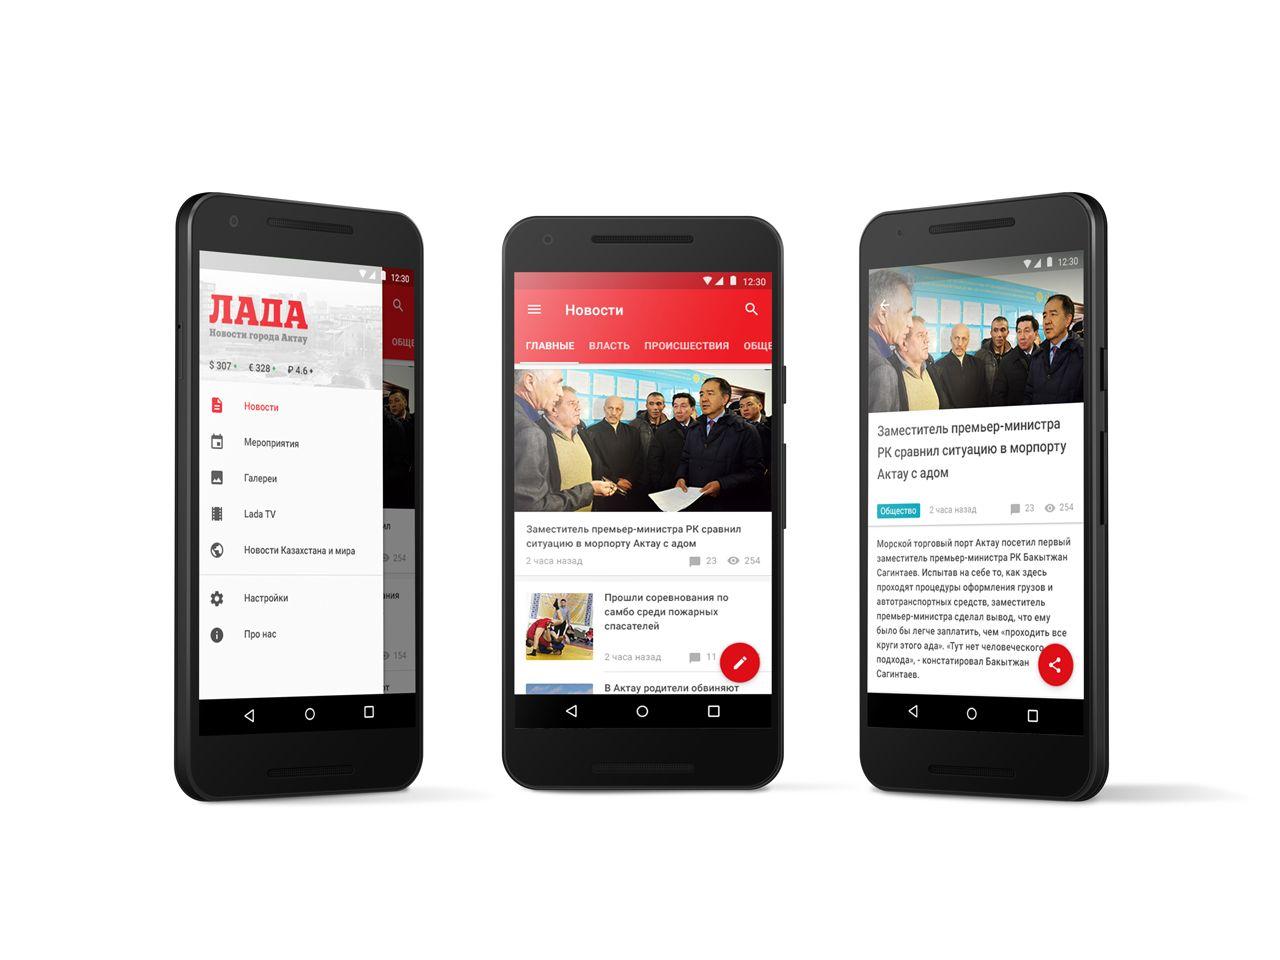 Дизайн мобильного приложения для Android и iOS  - дизайнер yakulinich